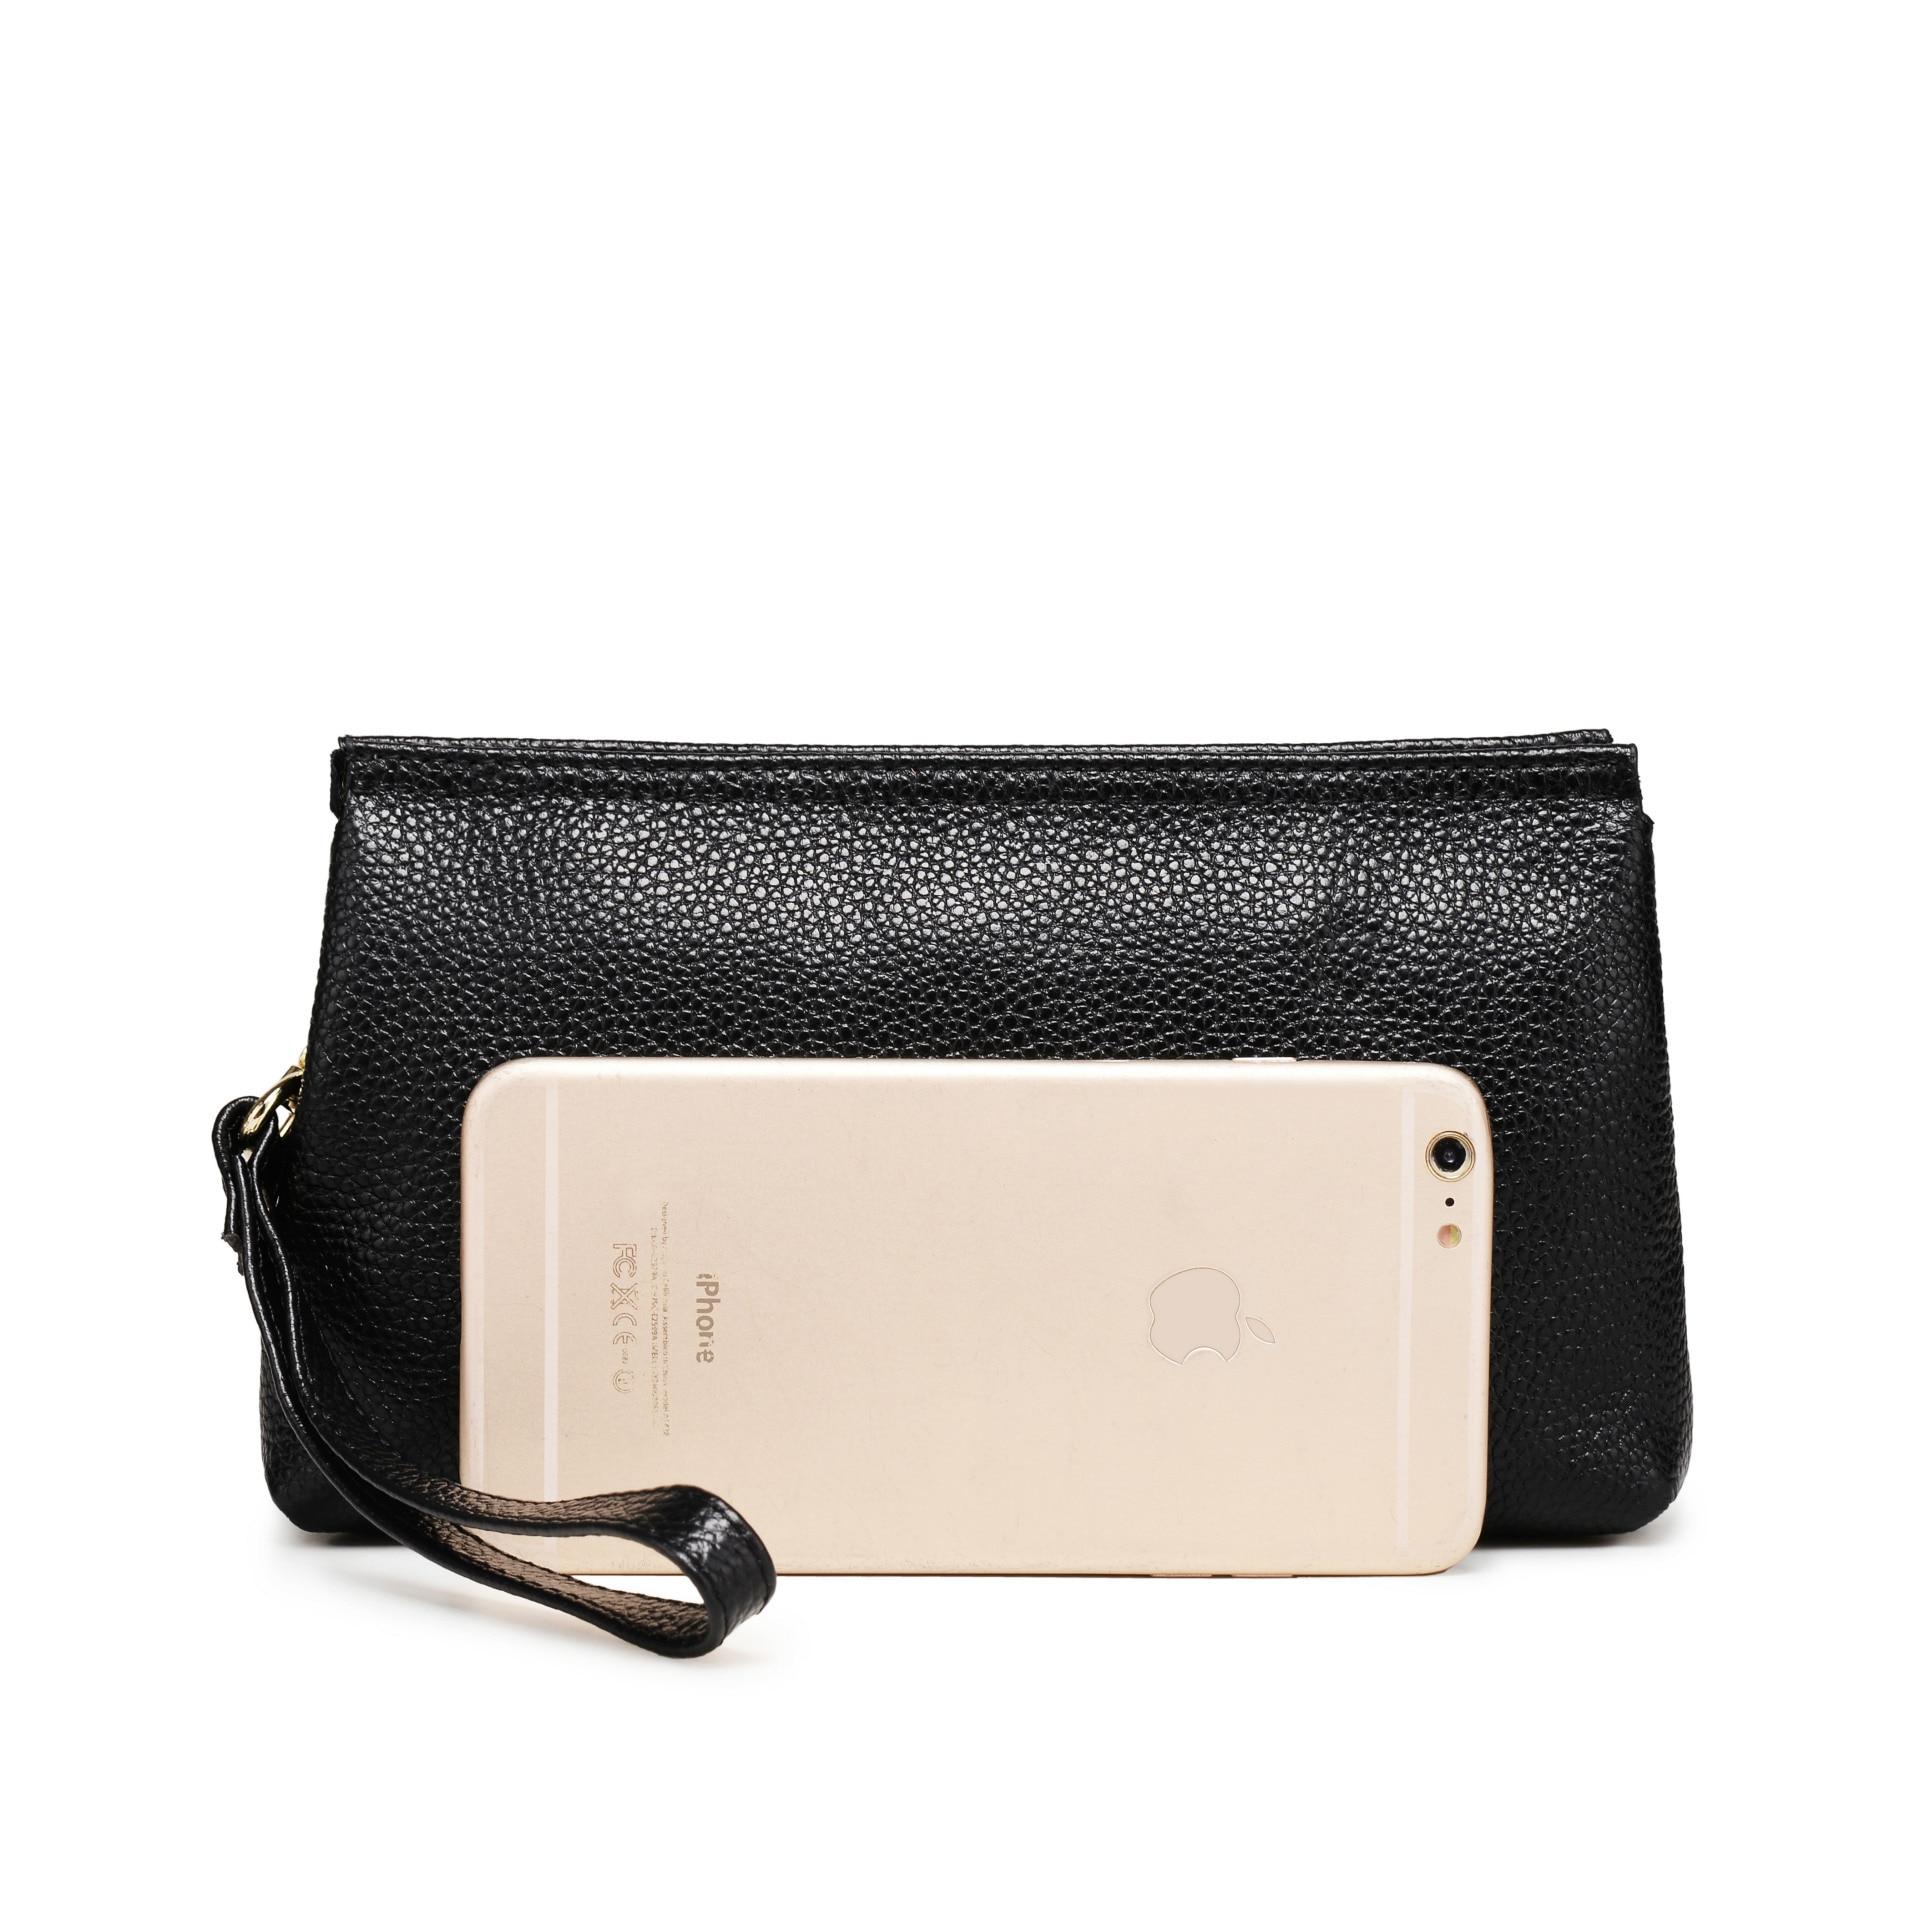 24951112caff Icev повседневные 100% бычья кожа сумки Высокое качество Натуральная кожа  сцепления женщин сумки женские сумка женская день сцепления   Клатчи с  Алиэкспресс ...